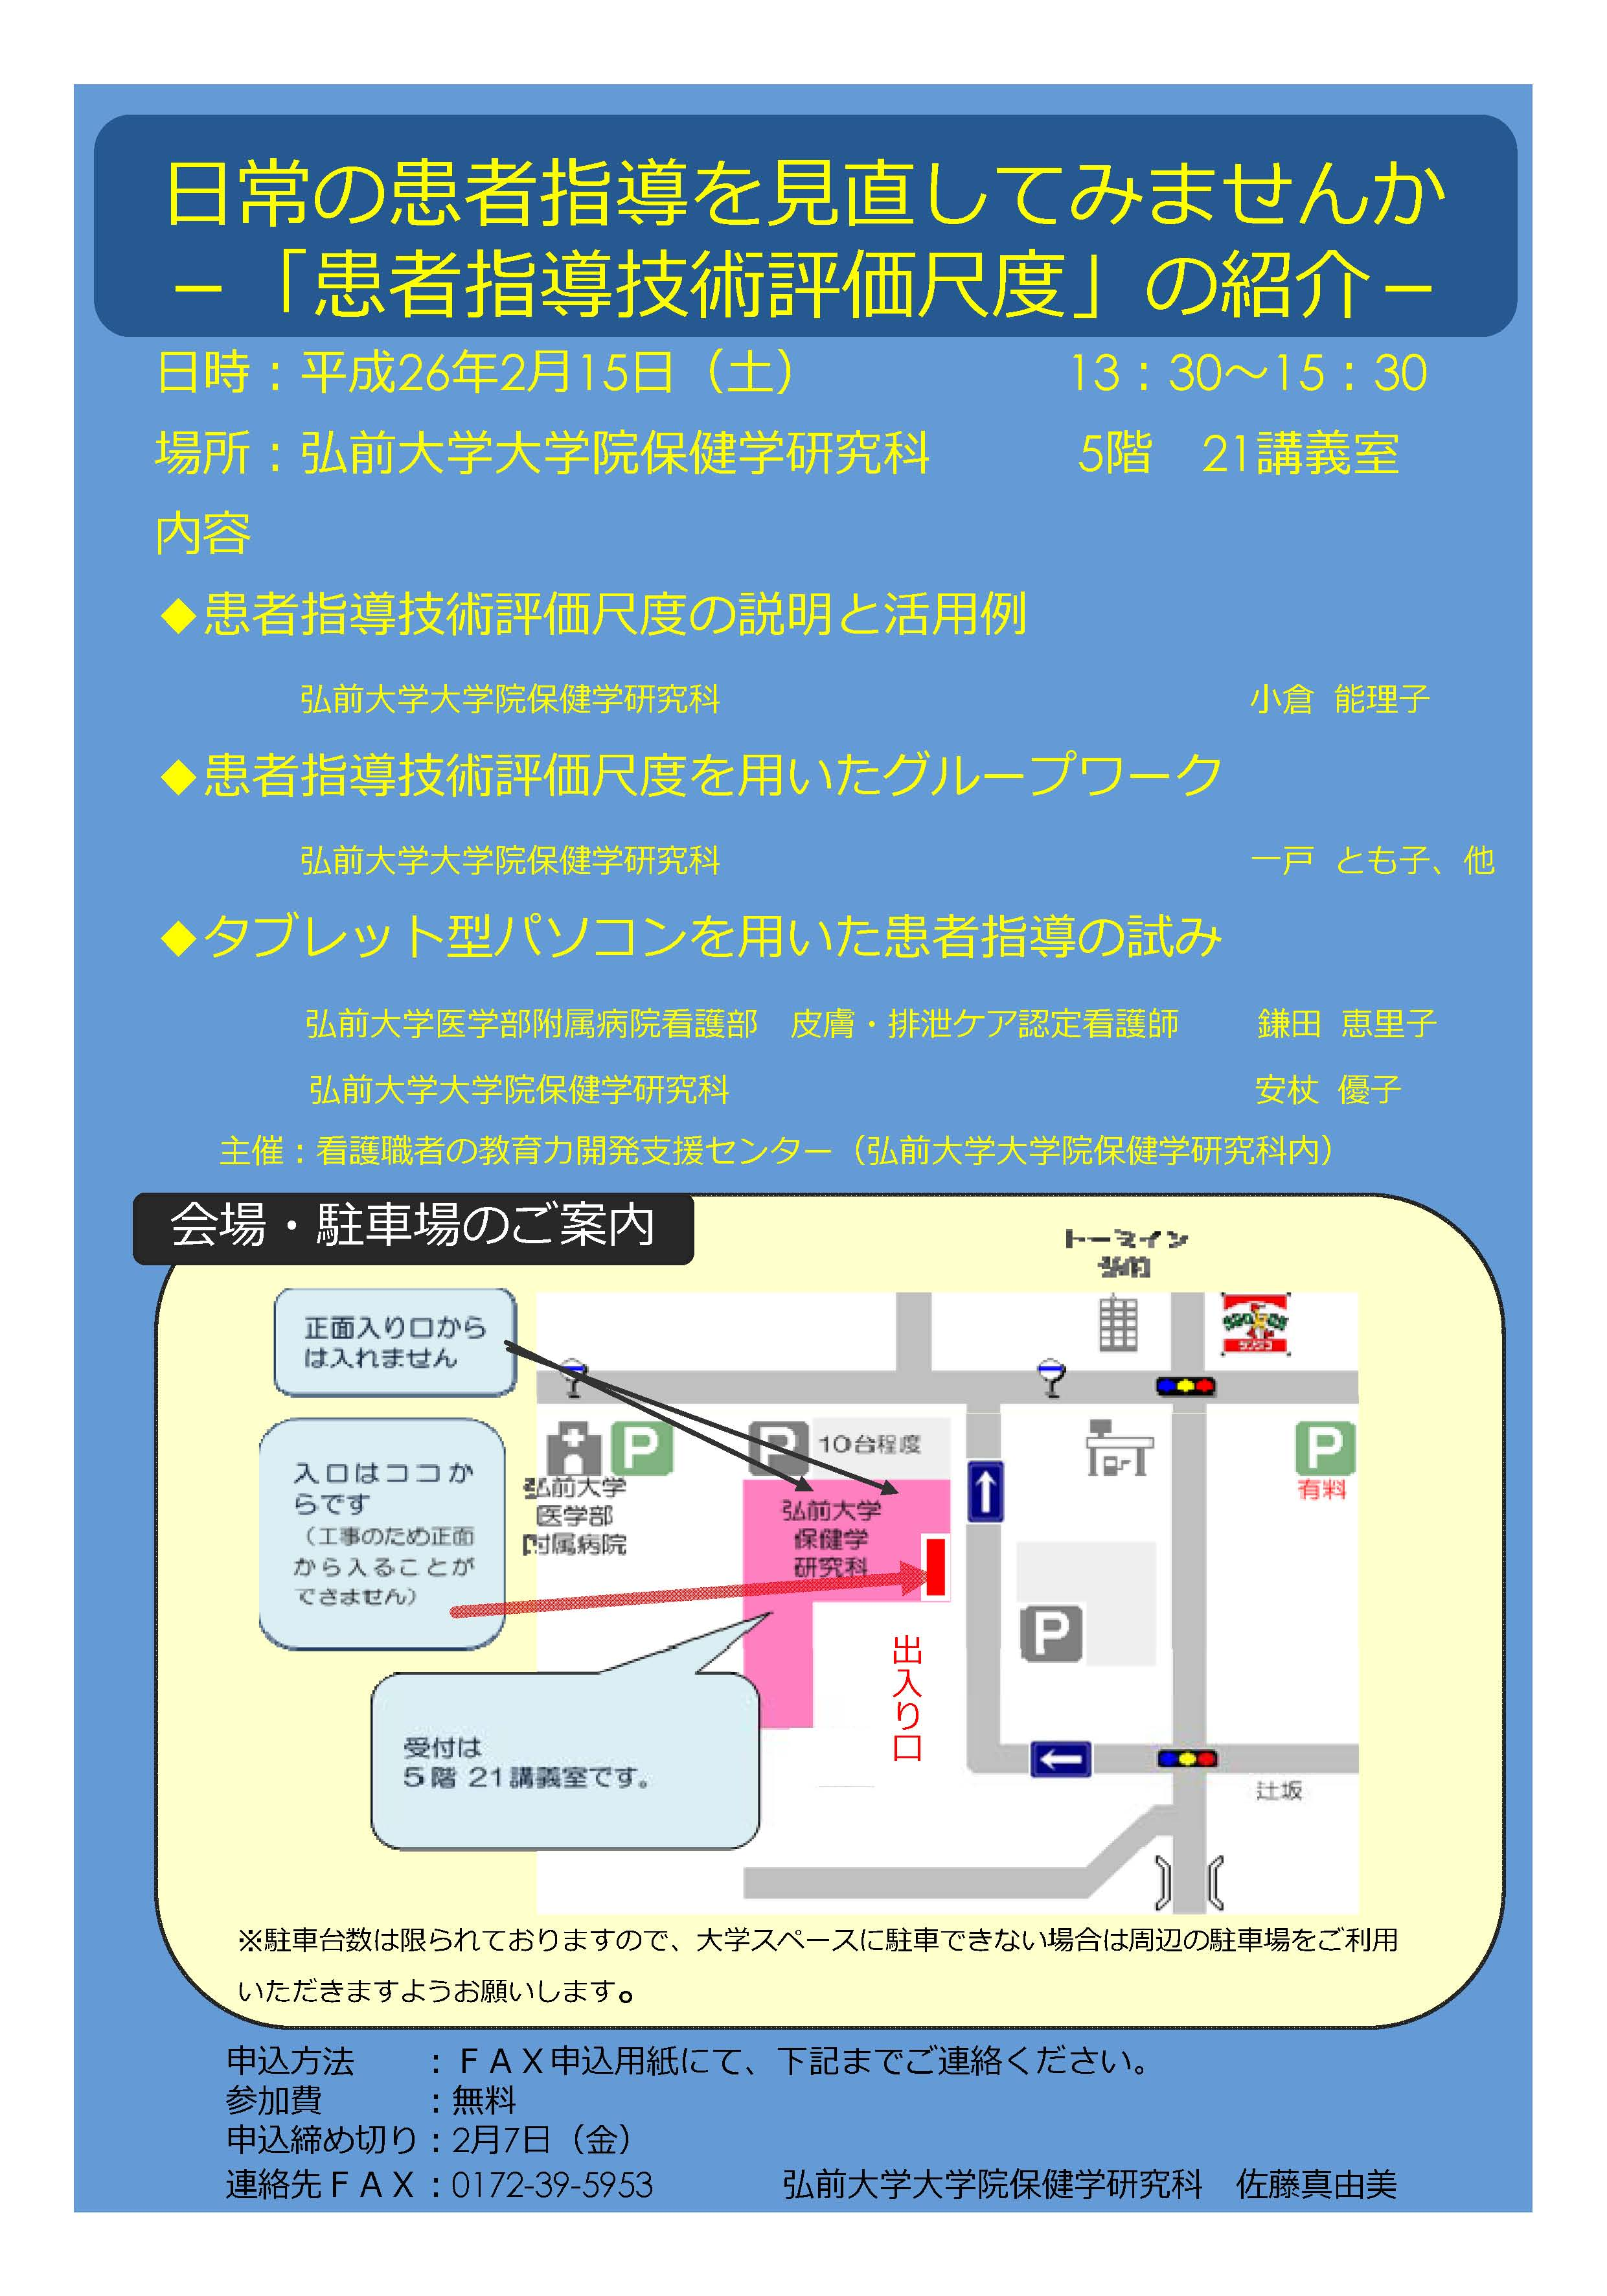 H26.2月研修会ポスター